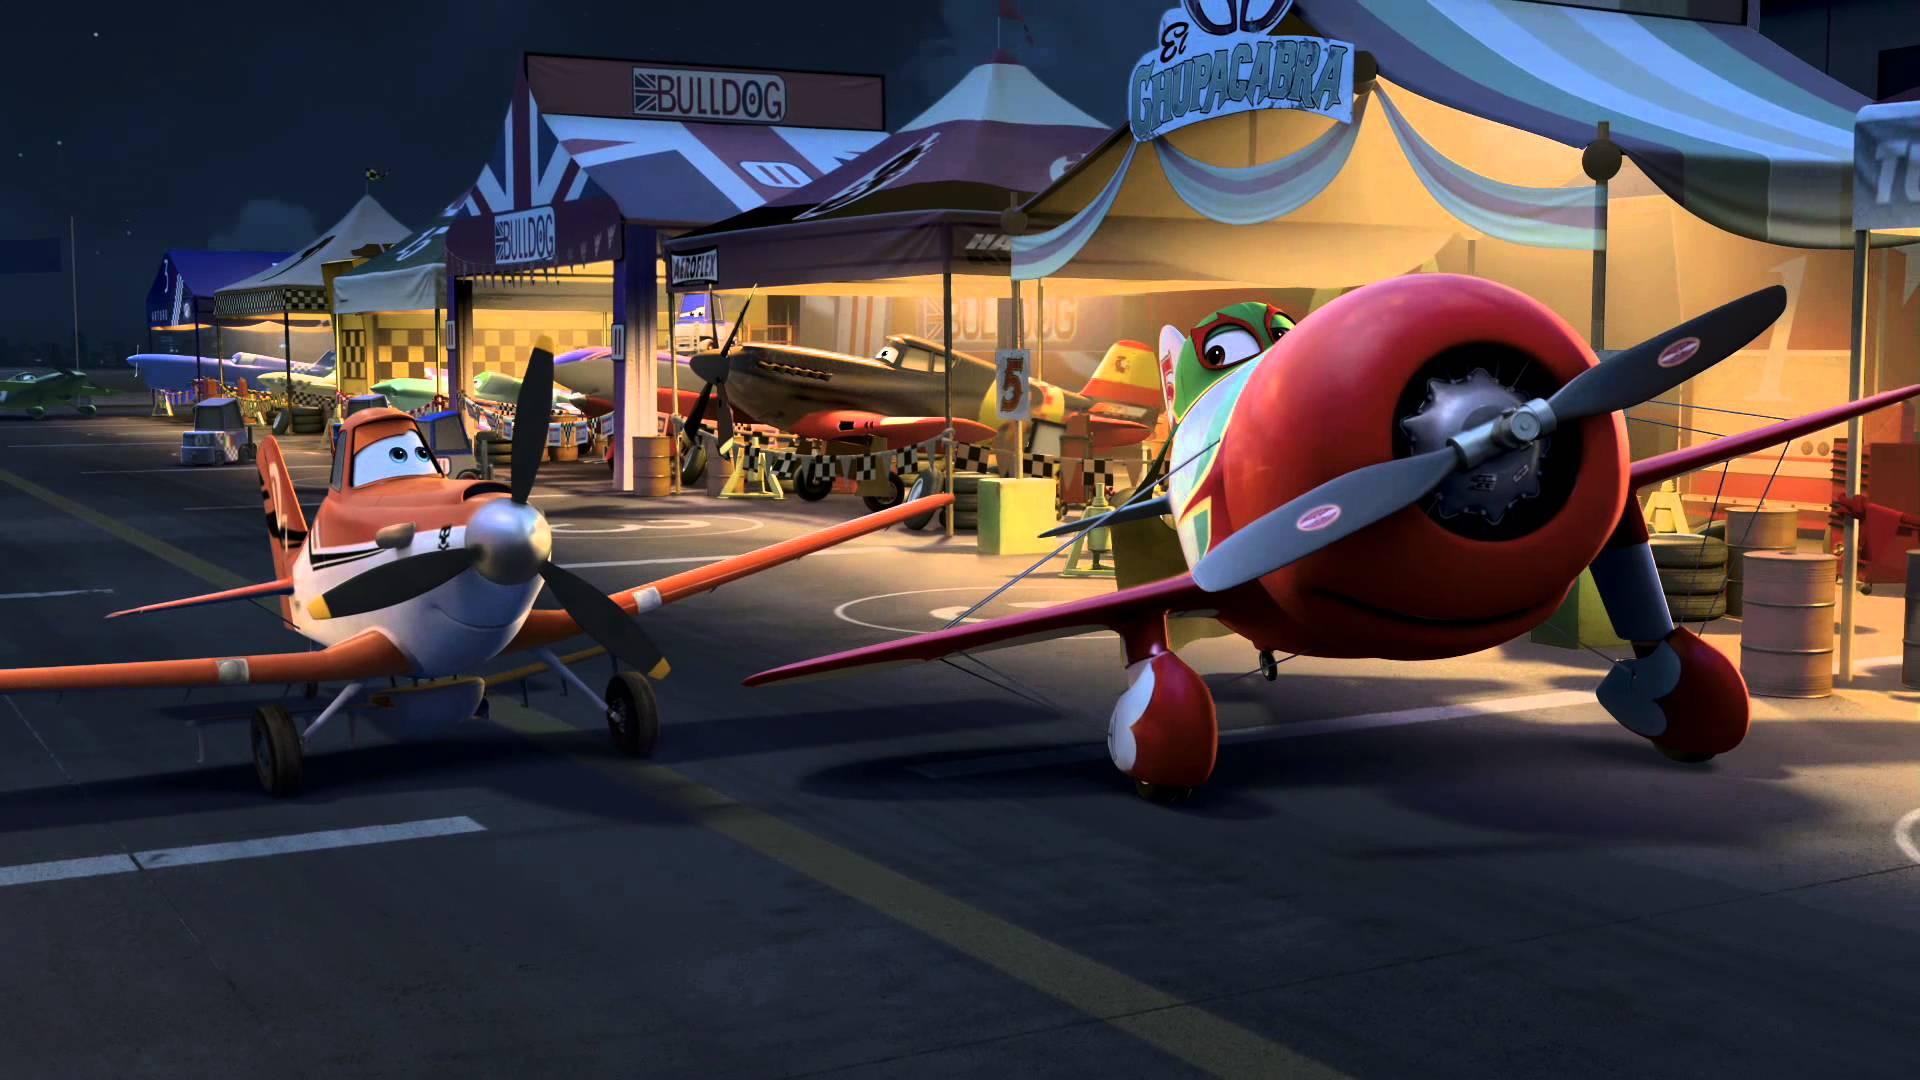 Le personnage Planes avion ou voiture que vous aimeriez voir en miniature Mattel 1:55 Maxres11